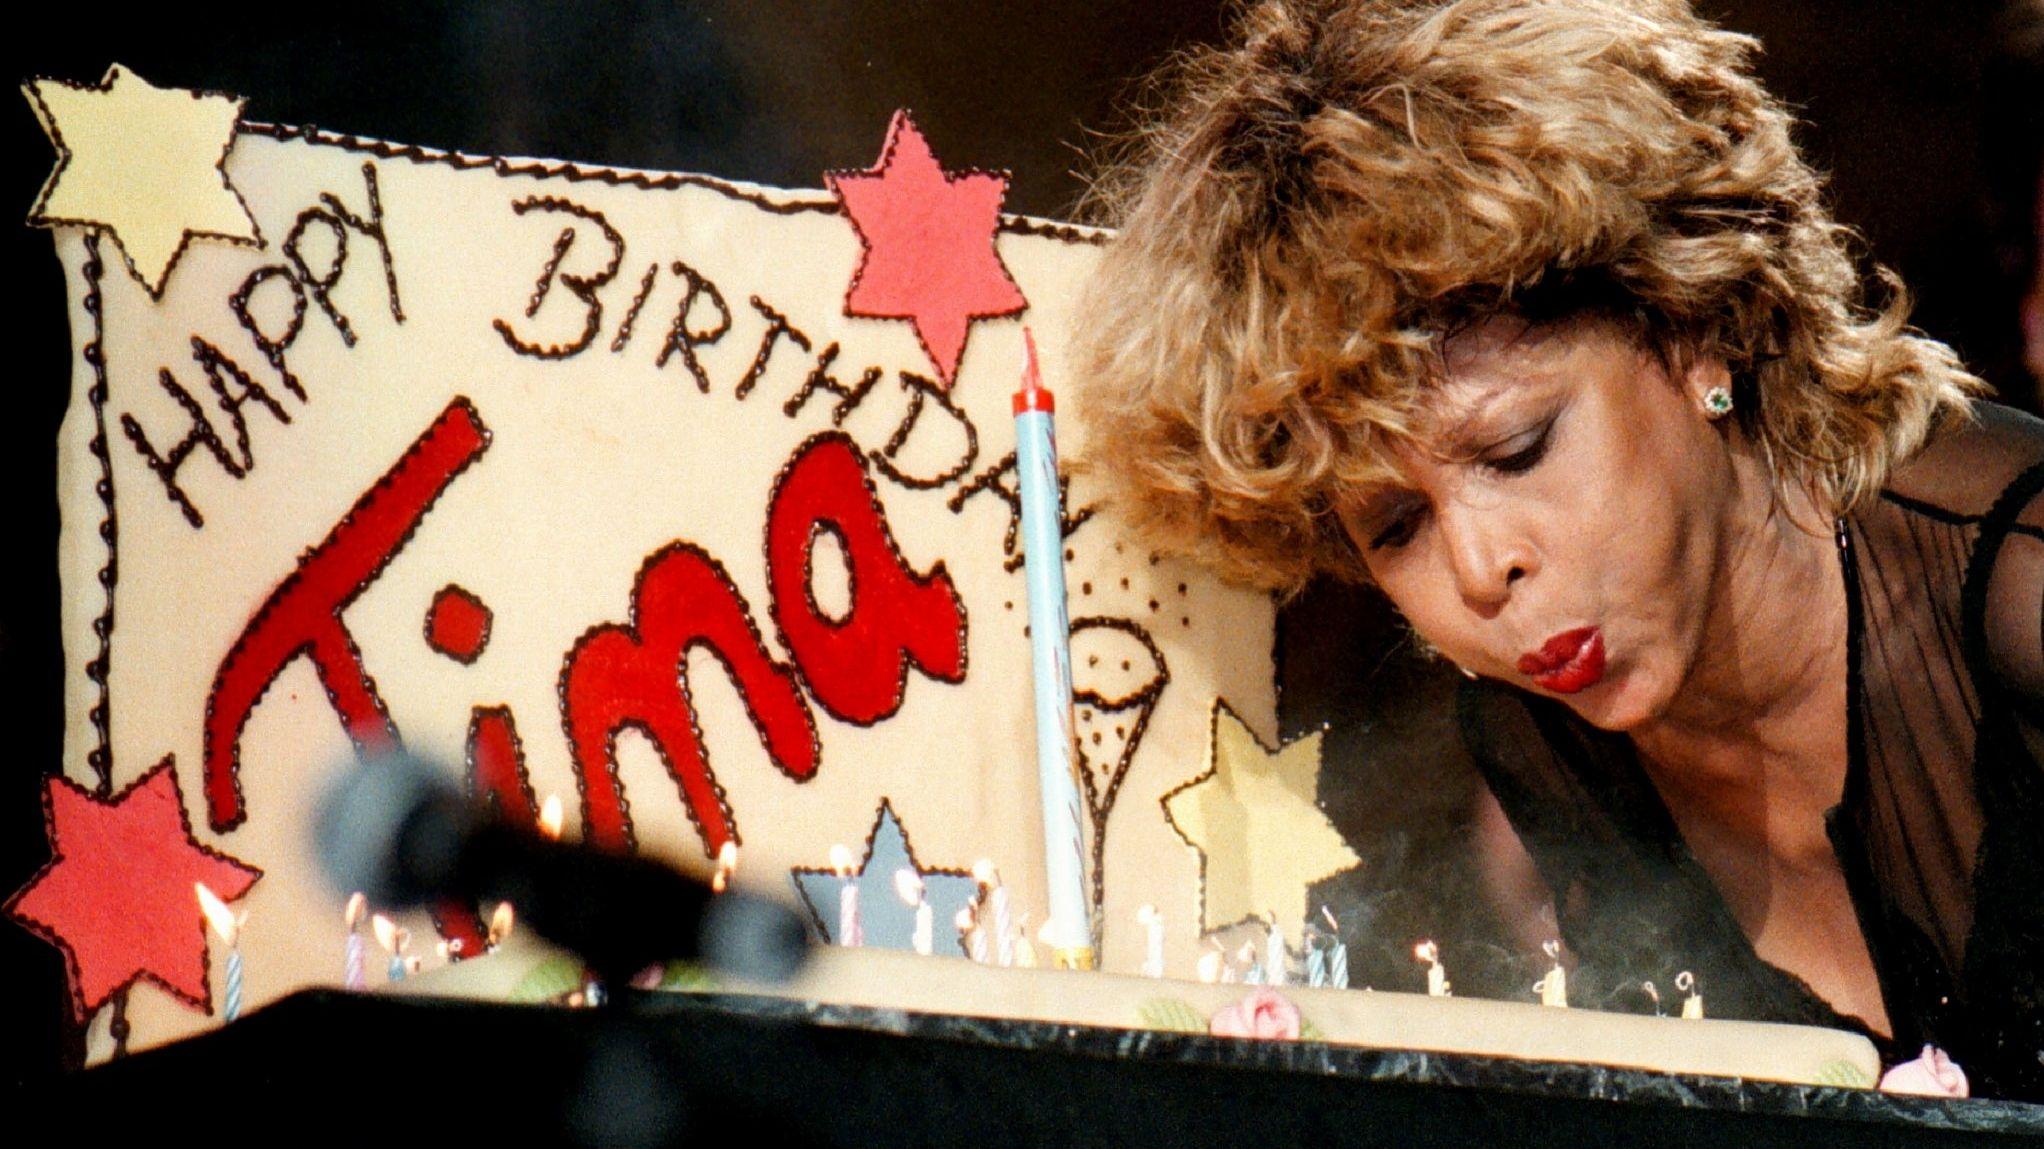 Tina Turner bläst die Kerzen auf einem Geburtstagskuchen aus.